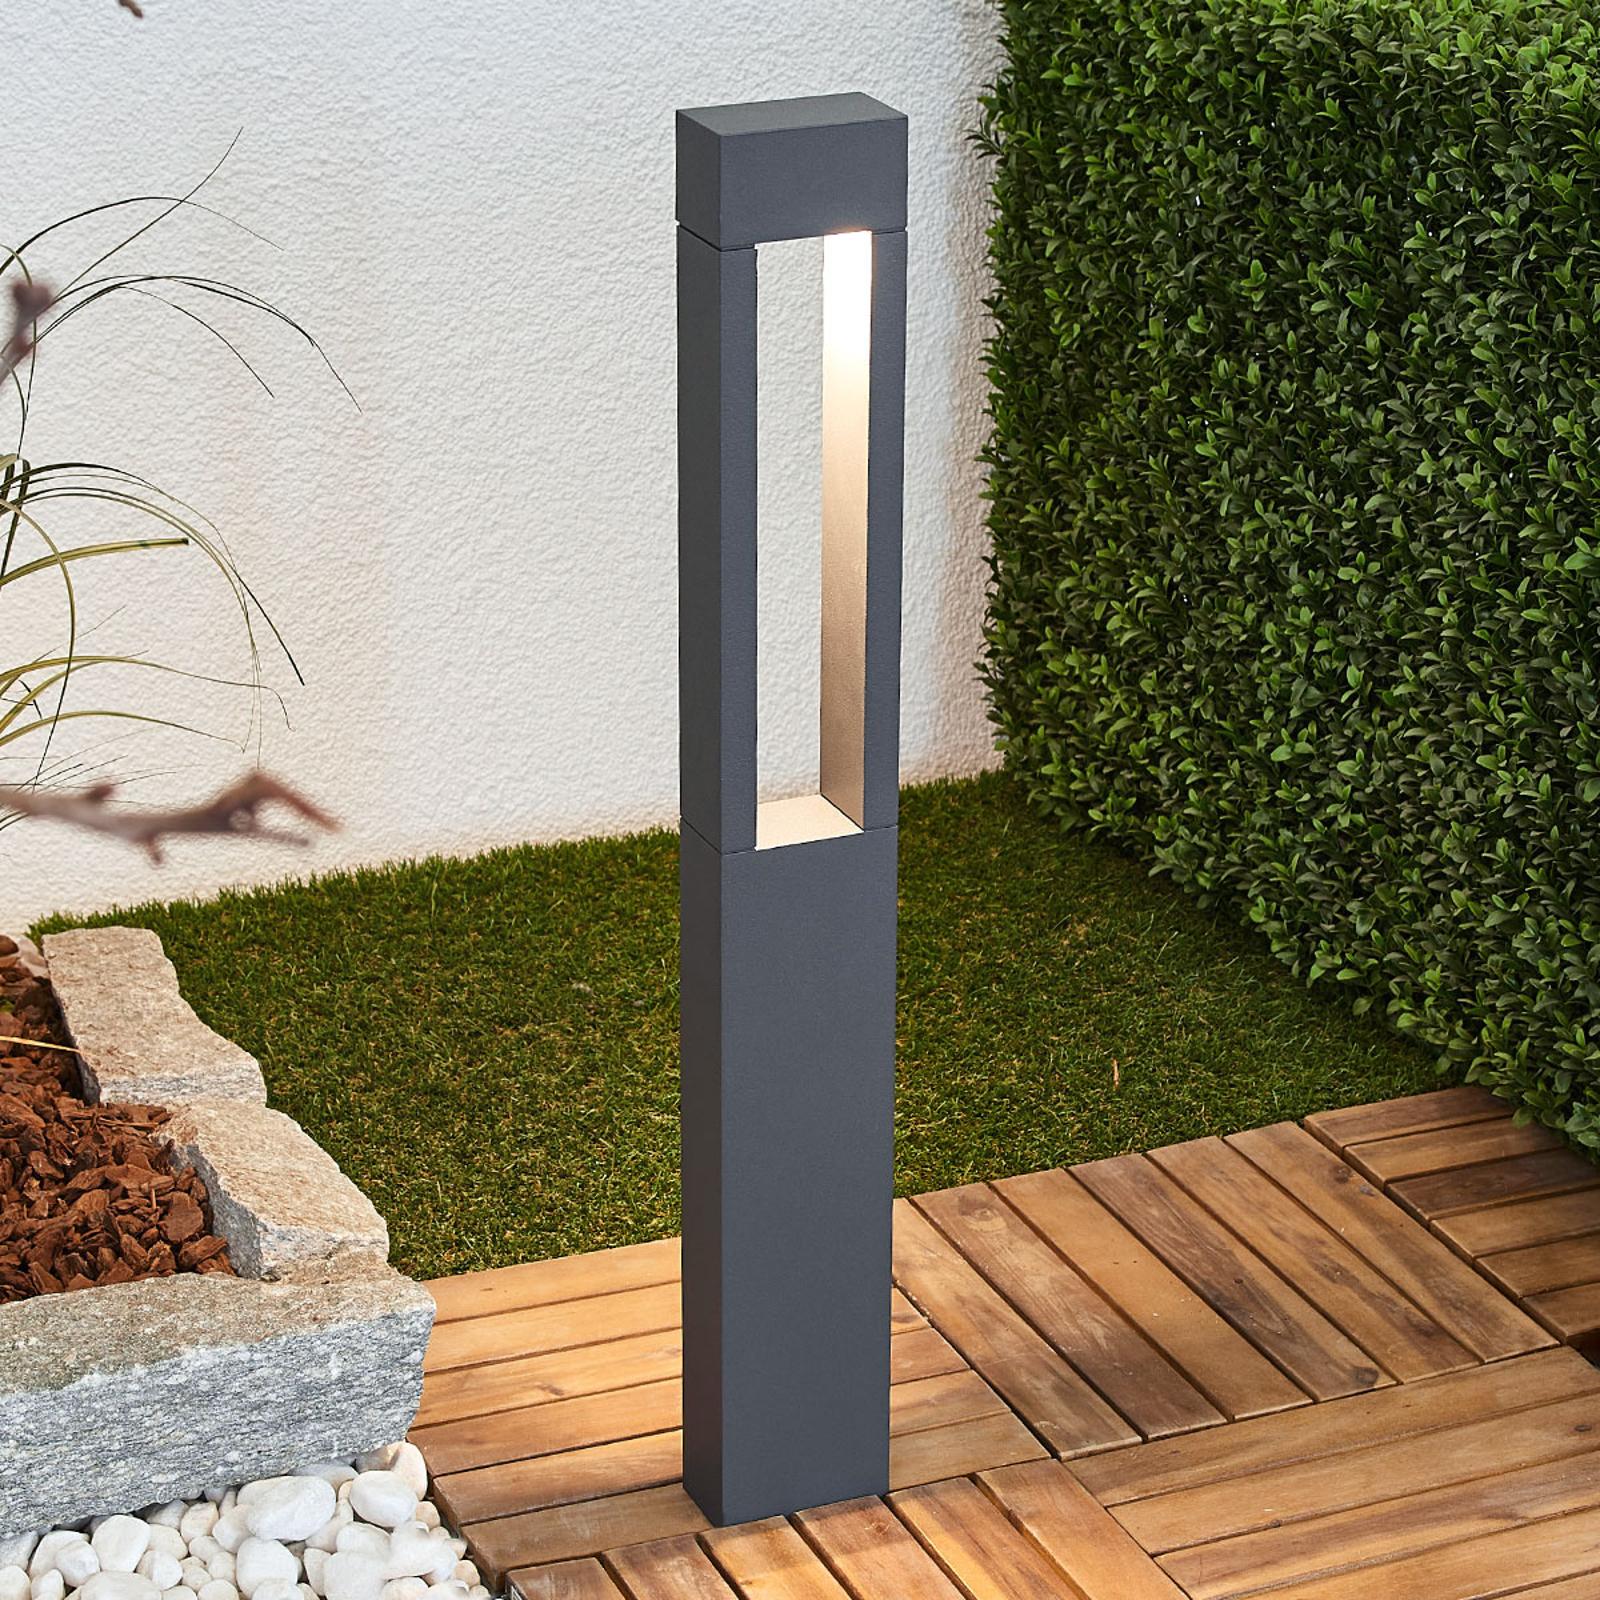 77265K3 - LED tuinpadverlichting met gericht licht